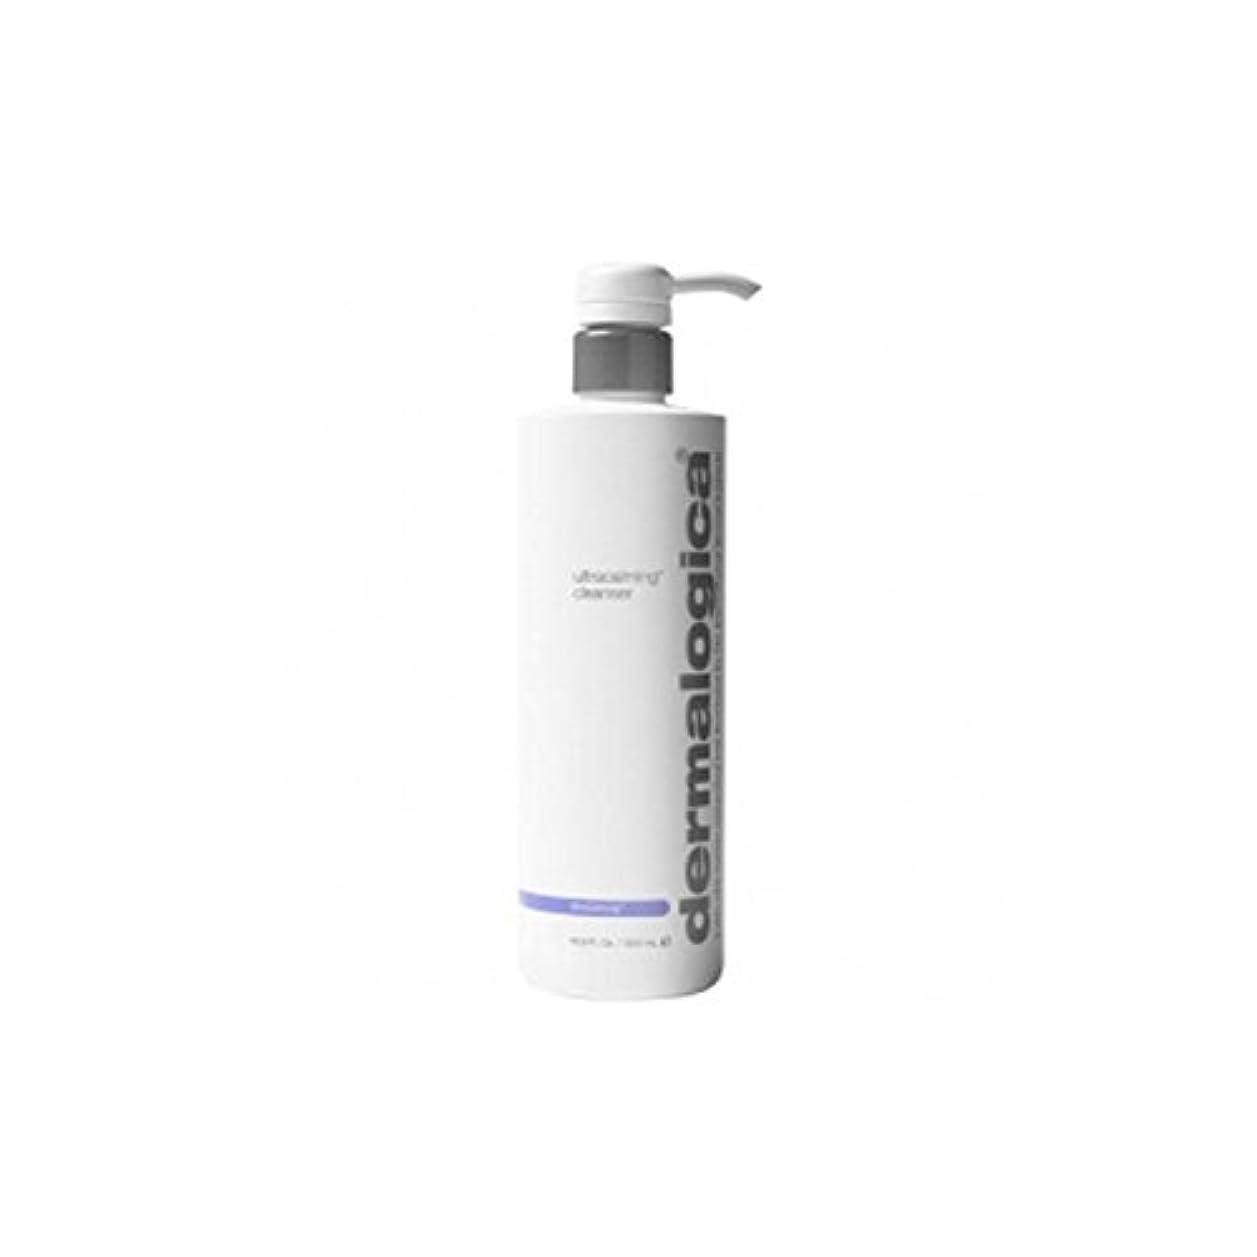 一貫性のない私のペンフレンドダーマロジカクレンザー(500ミリリットル) x4 - Dermalogica Ultracalming Cleanser (500ml) (Pack of 4) [並行輸入品]